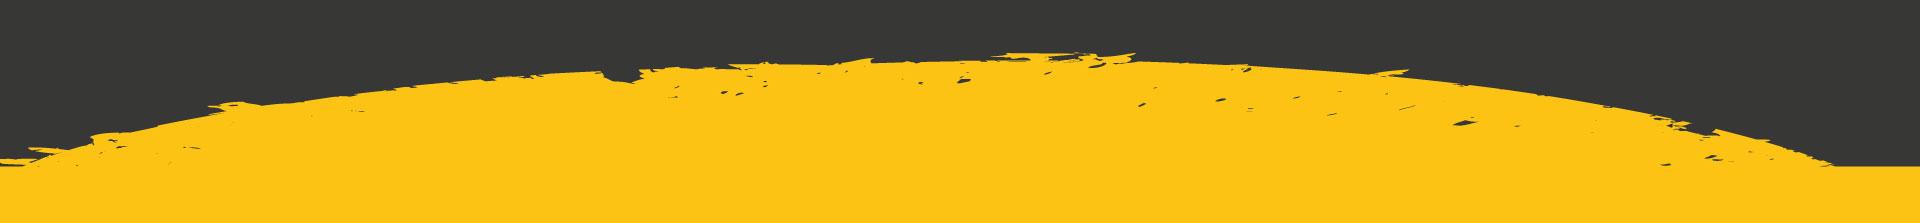 onde-nero-giallo-cappelletto